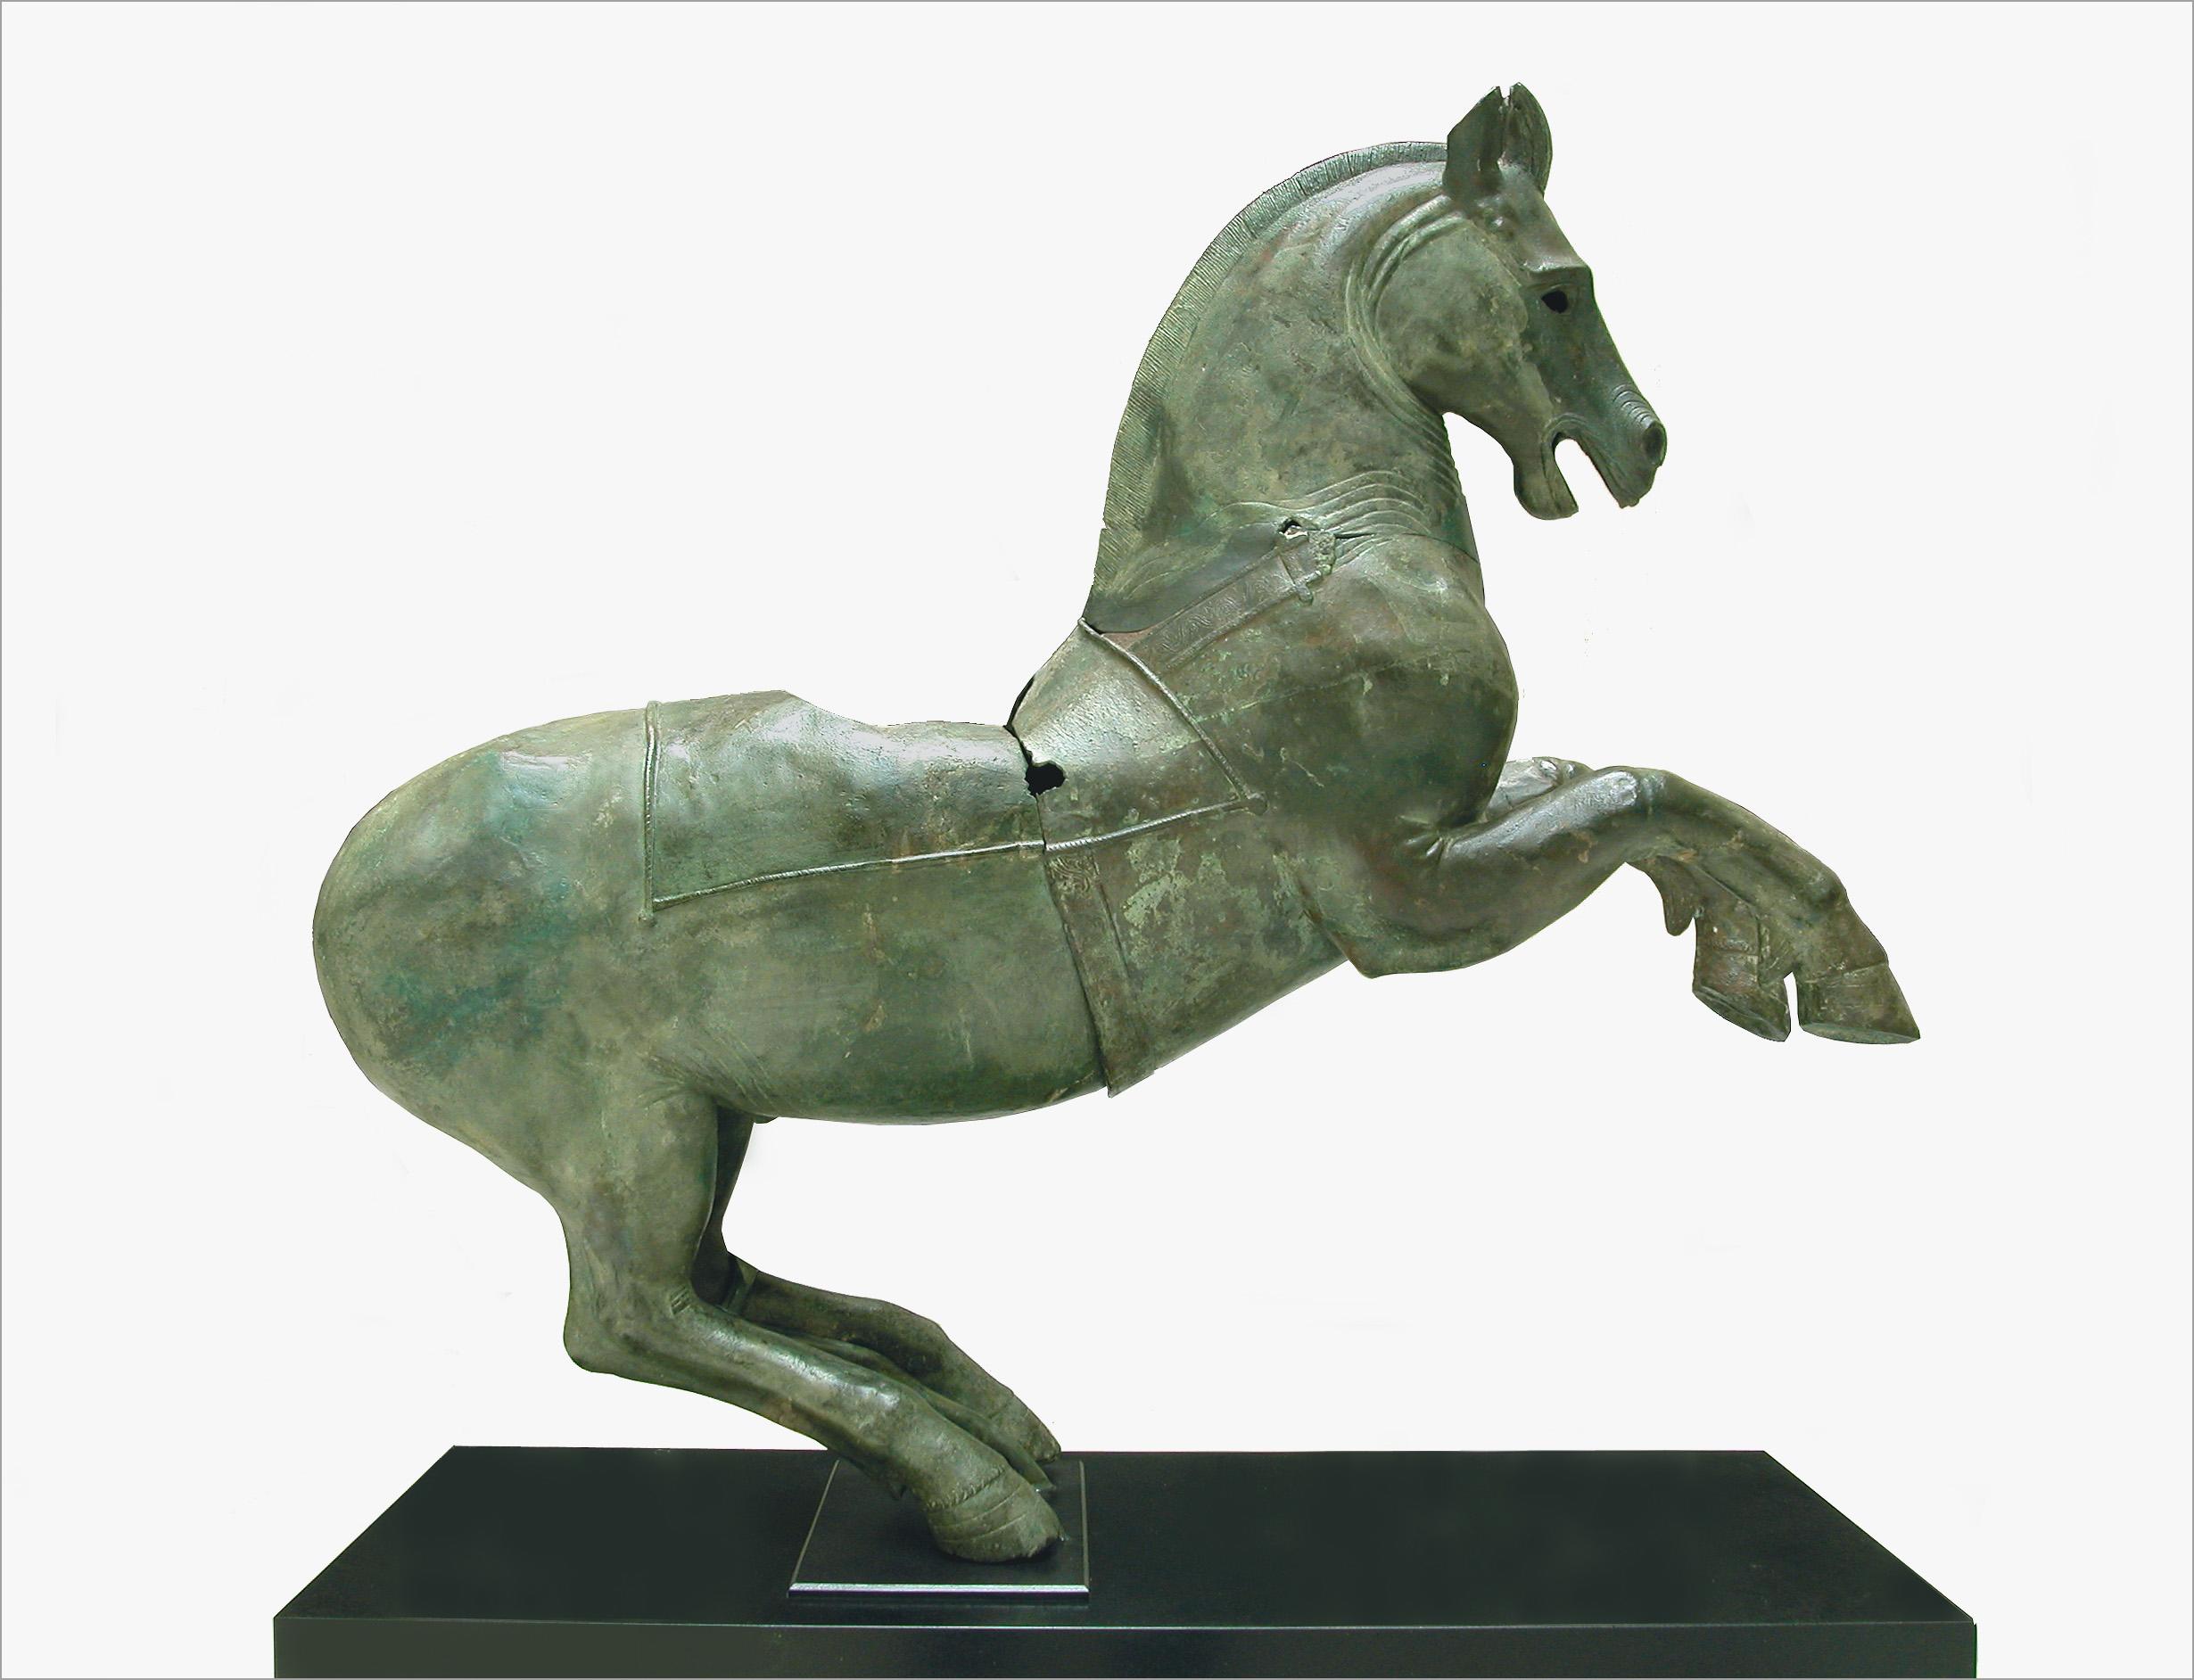 BZ.1938.12, Rearing Horse